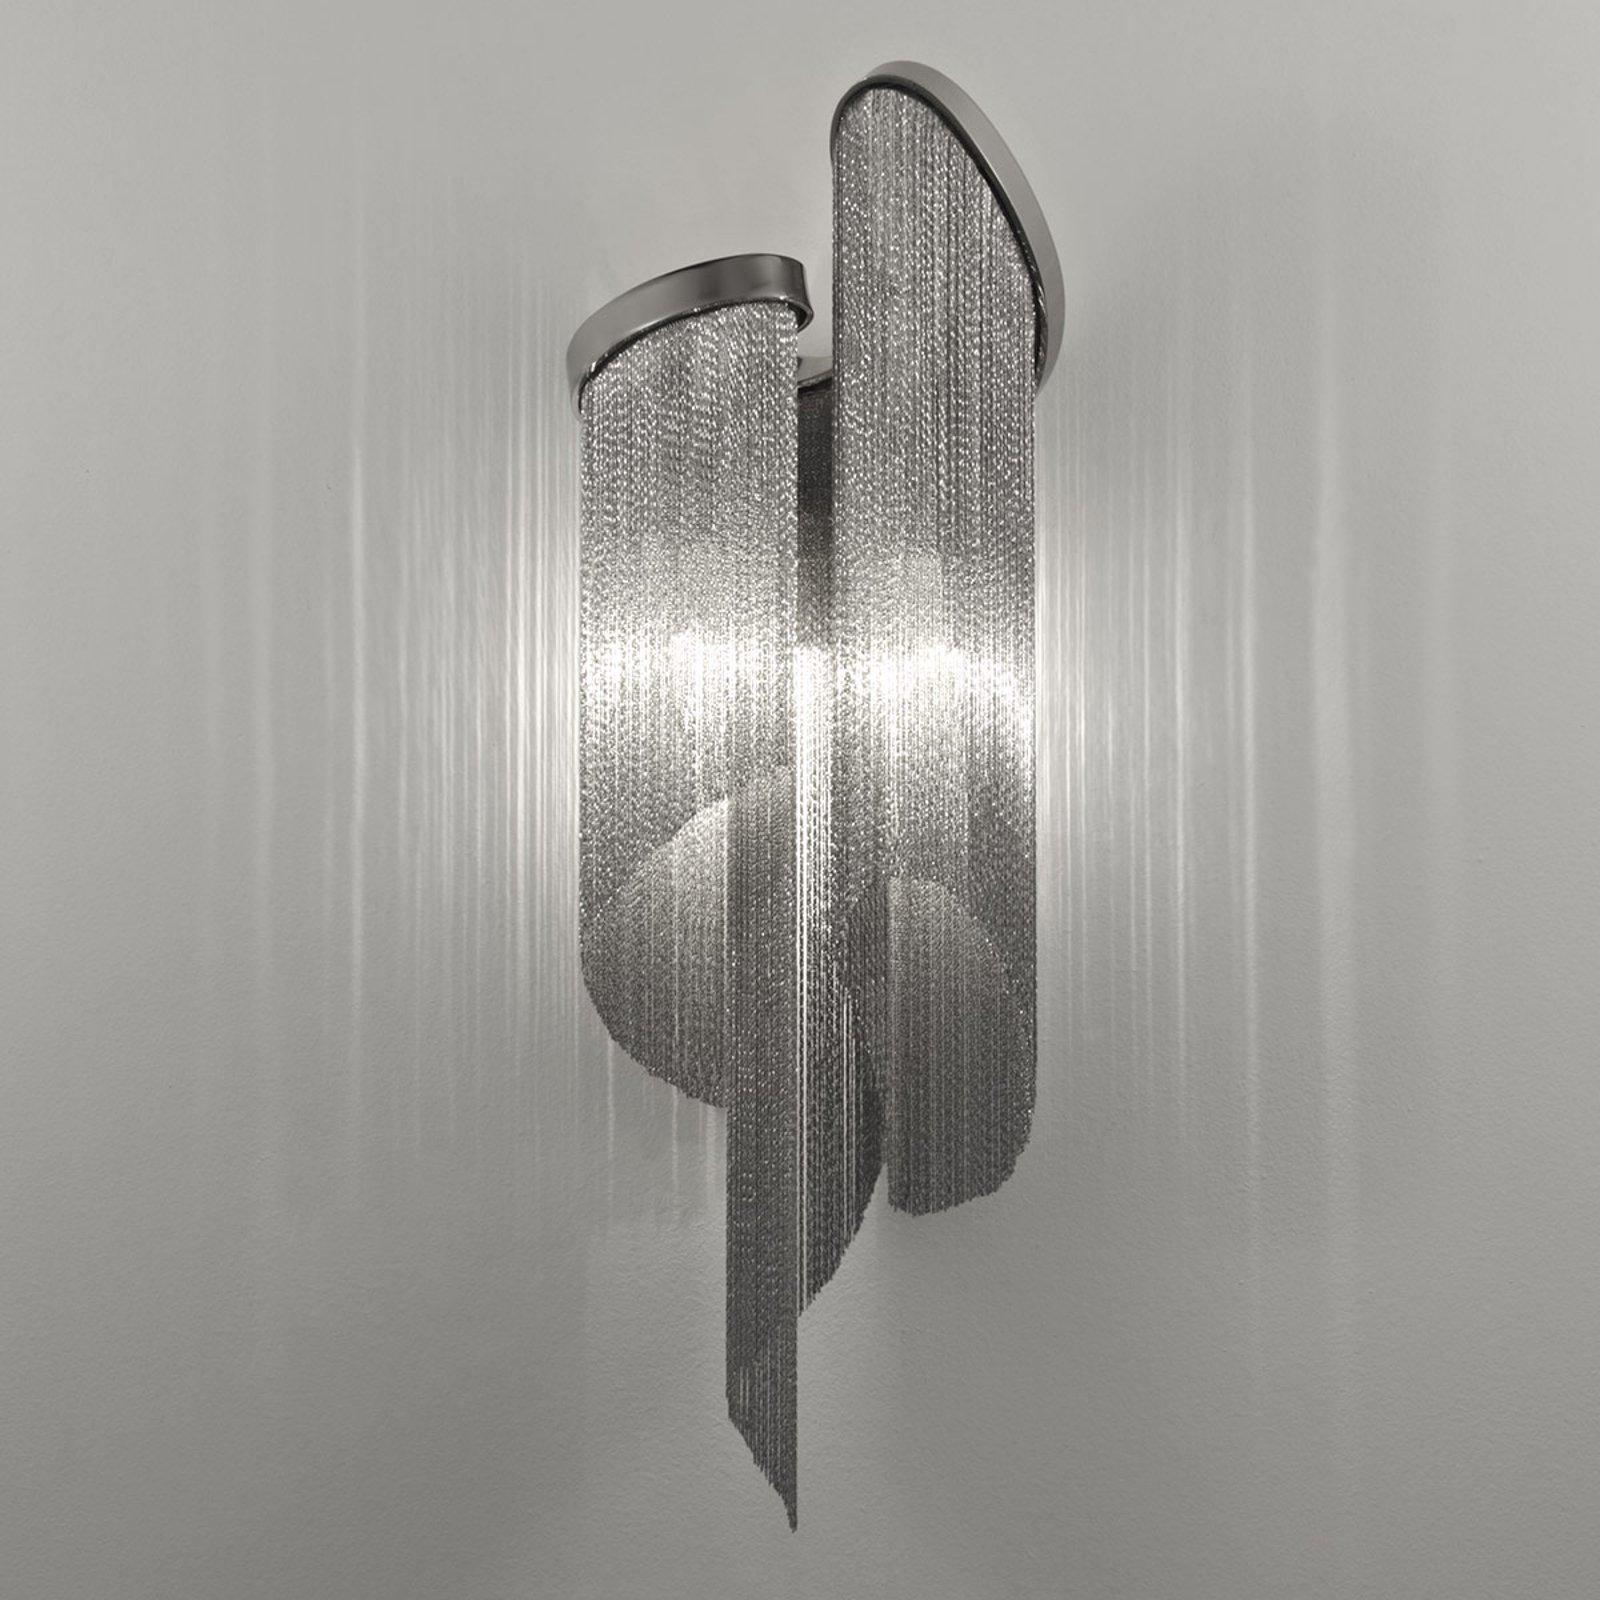 Vegglampe Stream med levende lyseffekt.